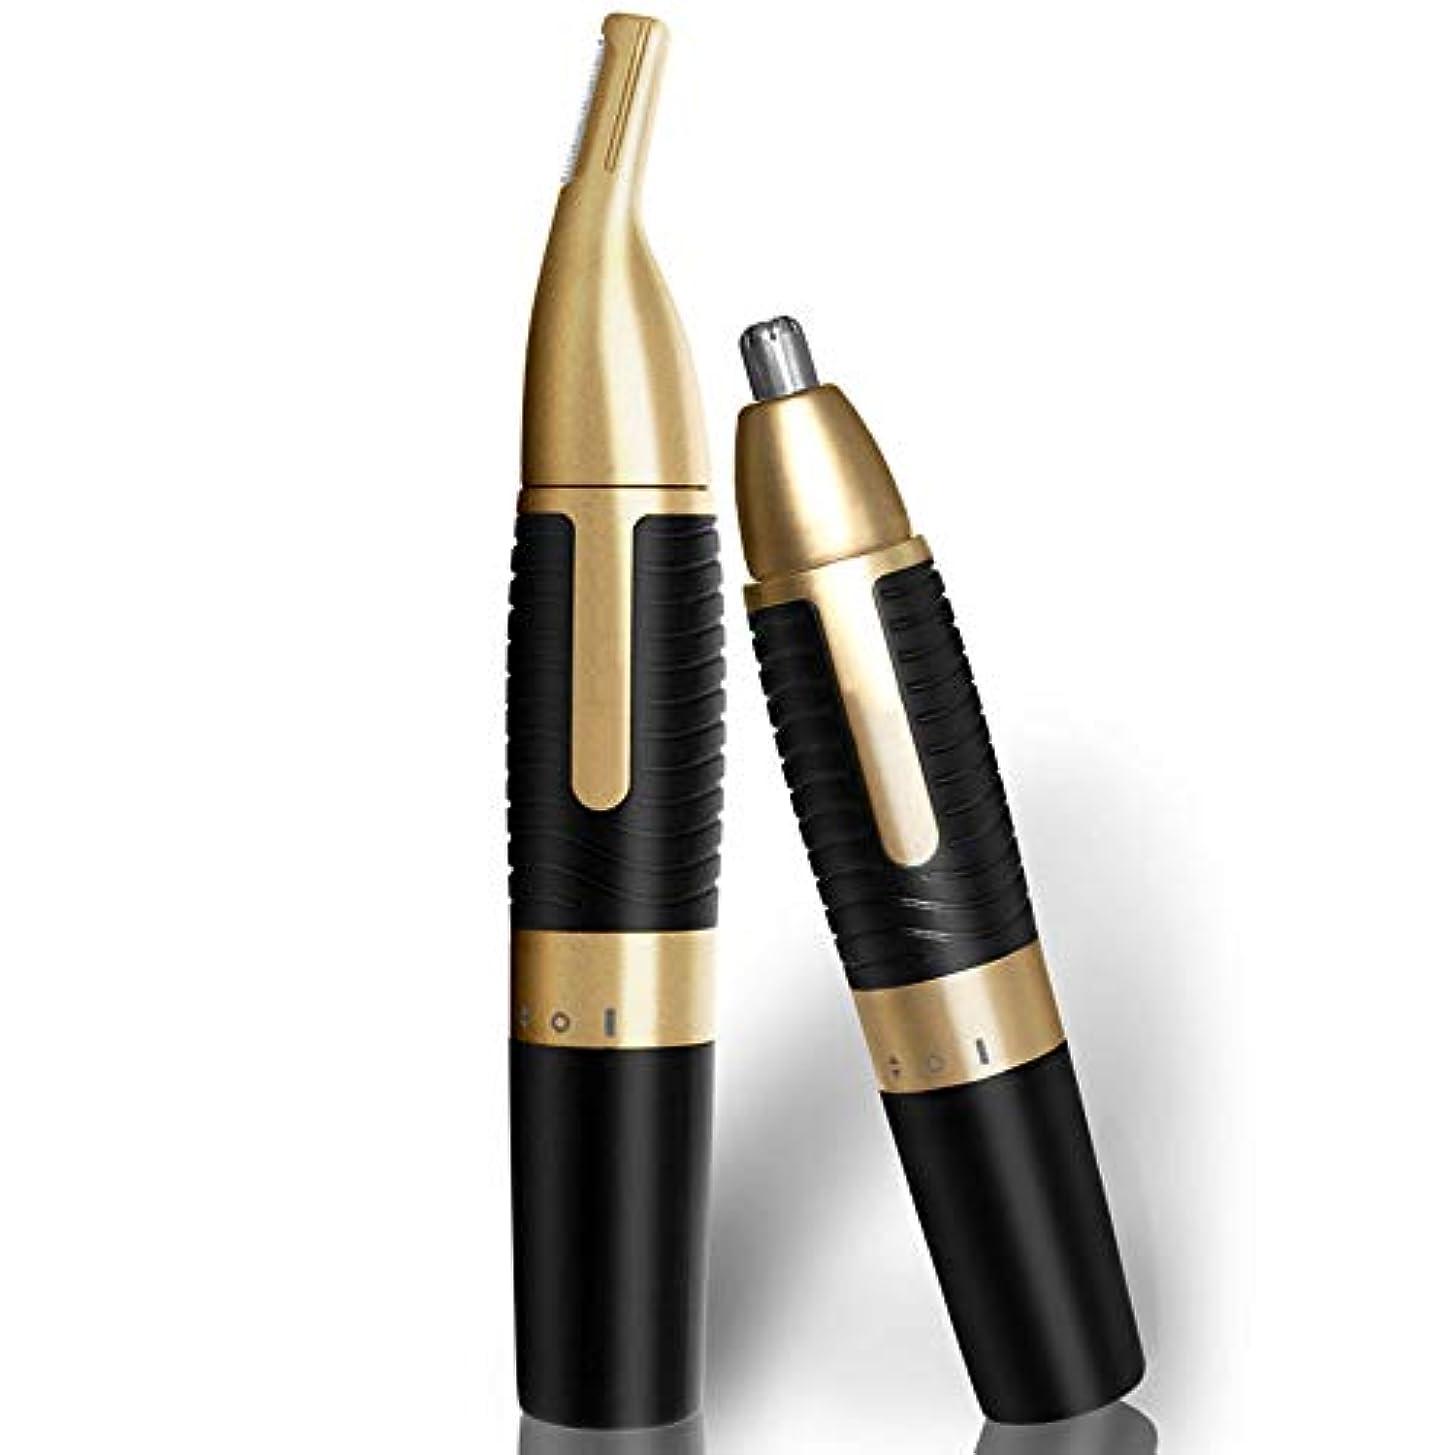 パッチ毒性曲げる防水鼻の毛トリマー、電気ステンレス鋼鼻トリマーひげ眉バッテリー-電源2で1人の女性の鼻はさみ